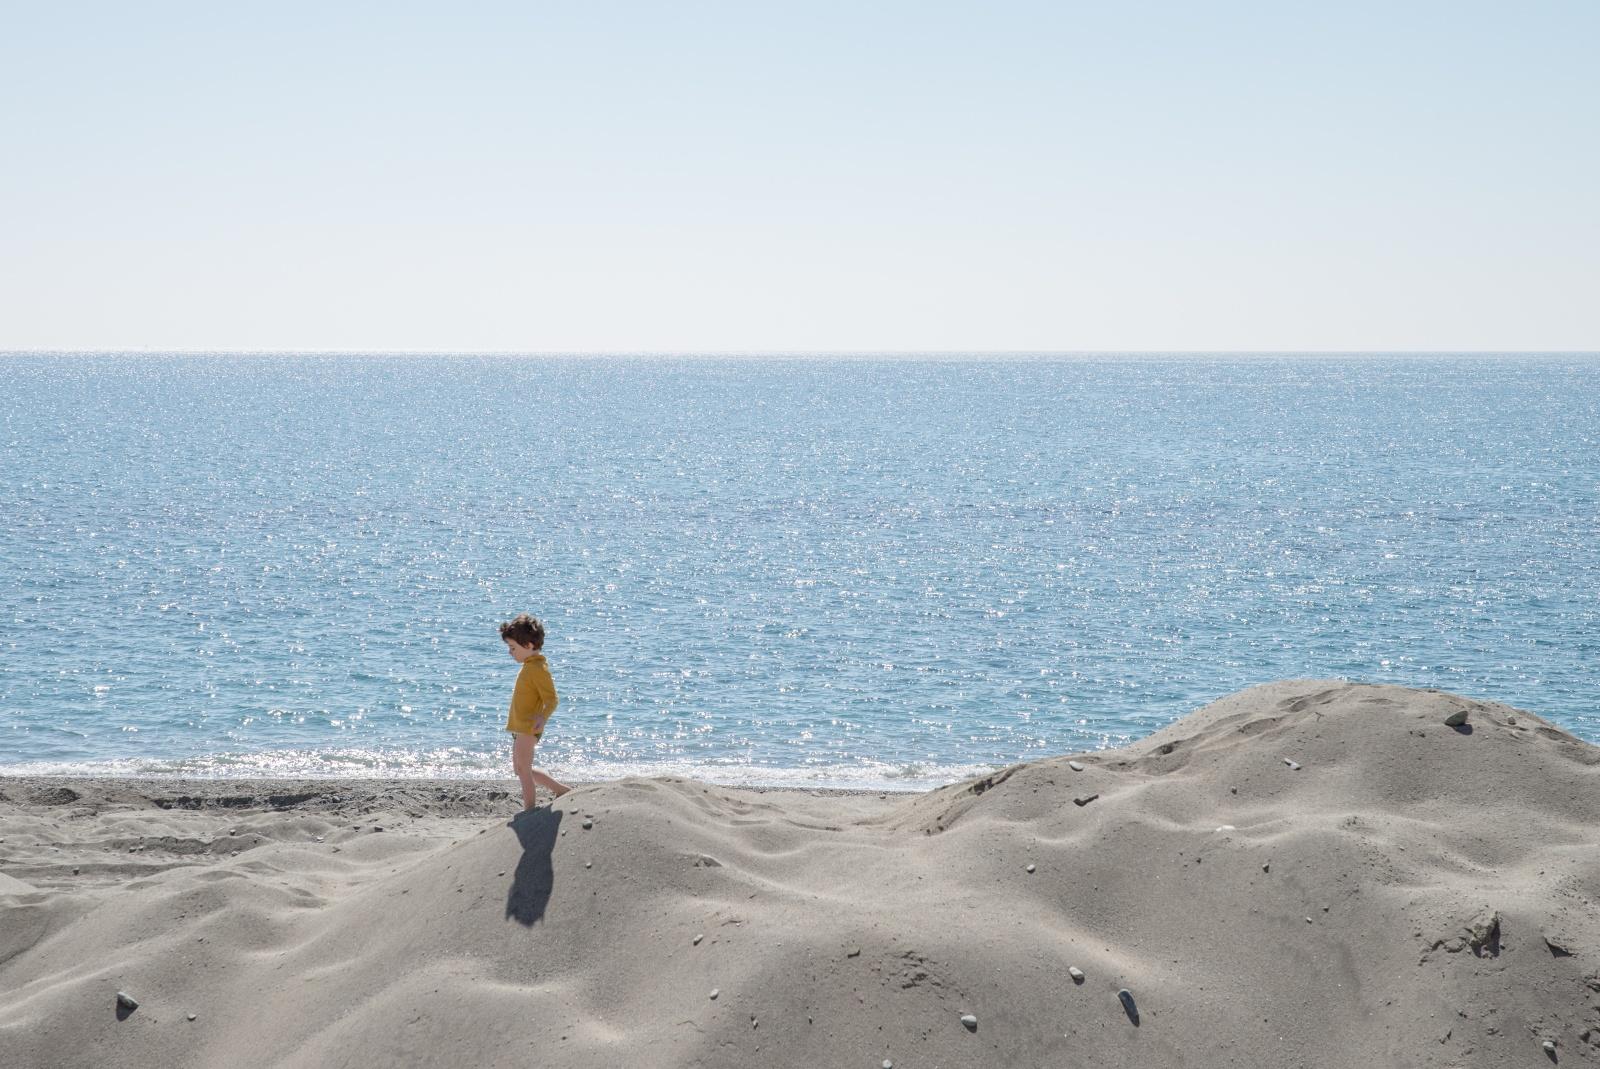 Annalisa Melas - Respirava, accarezzando il mare semi-nudo - 2